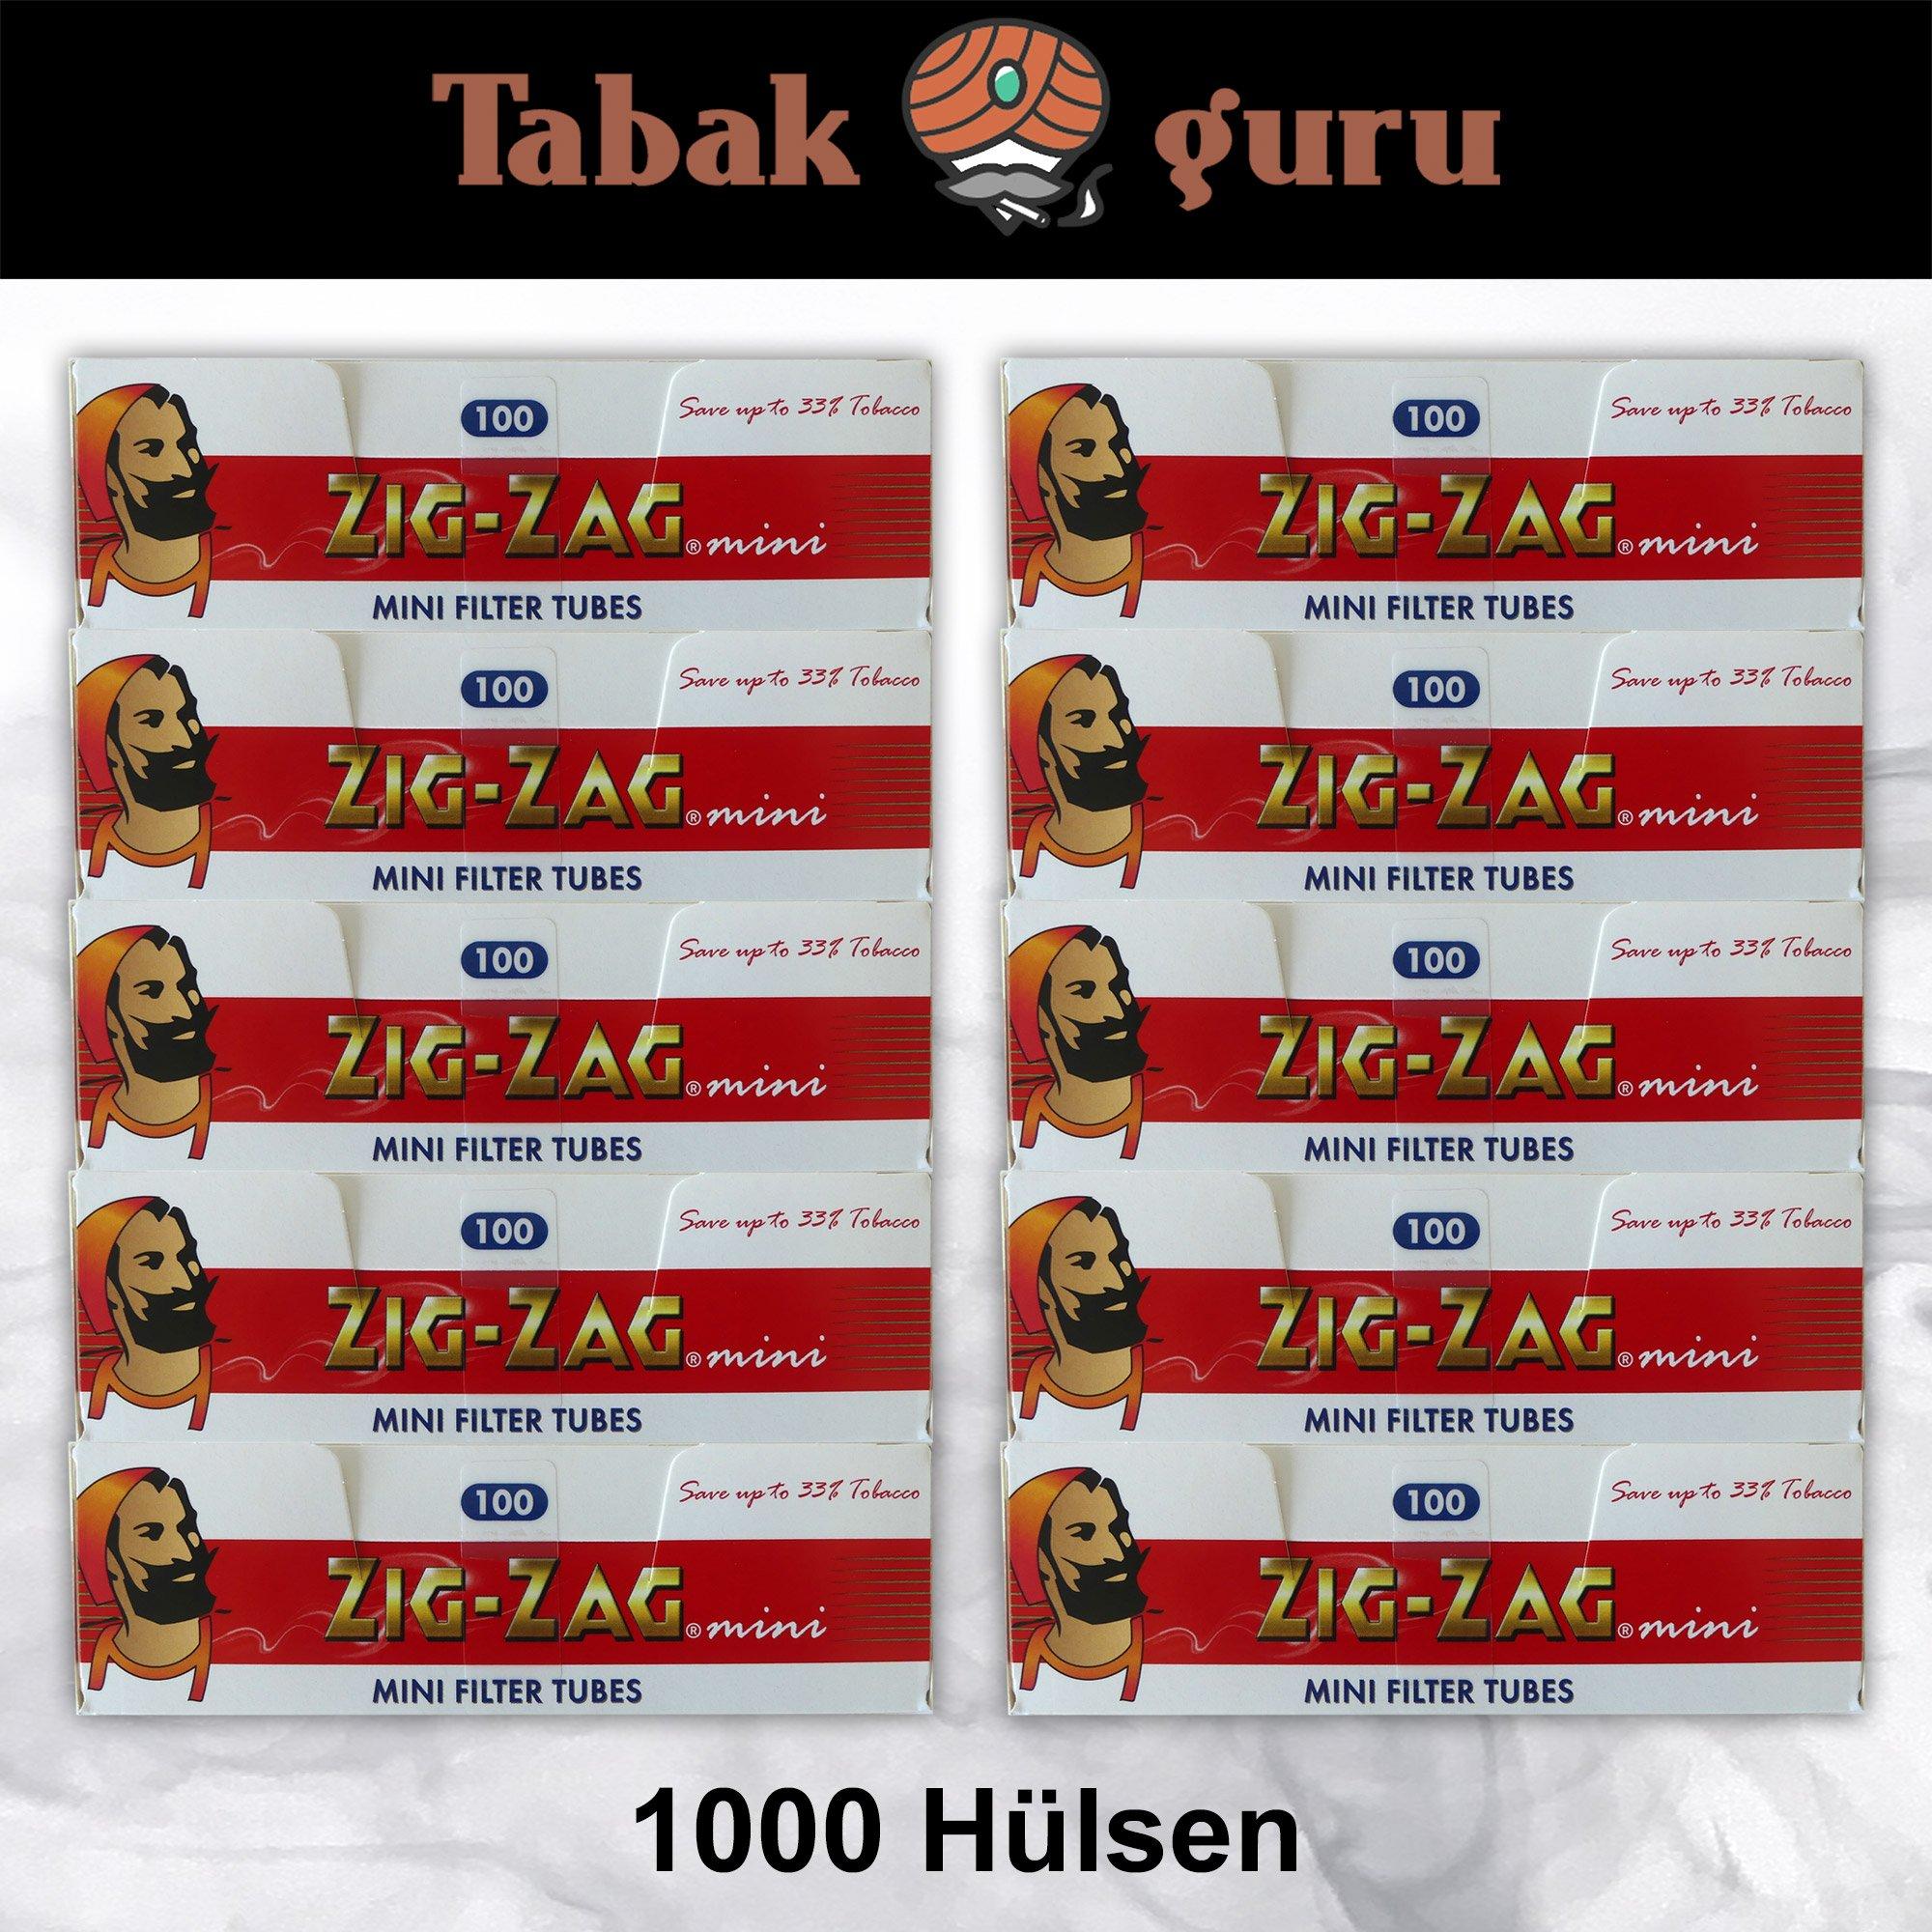 10 x 100 Zig-Zag Mini Filterhülsen